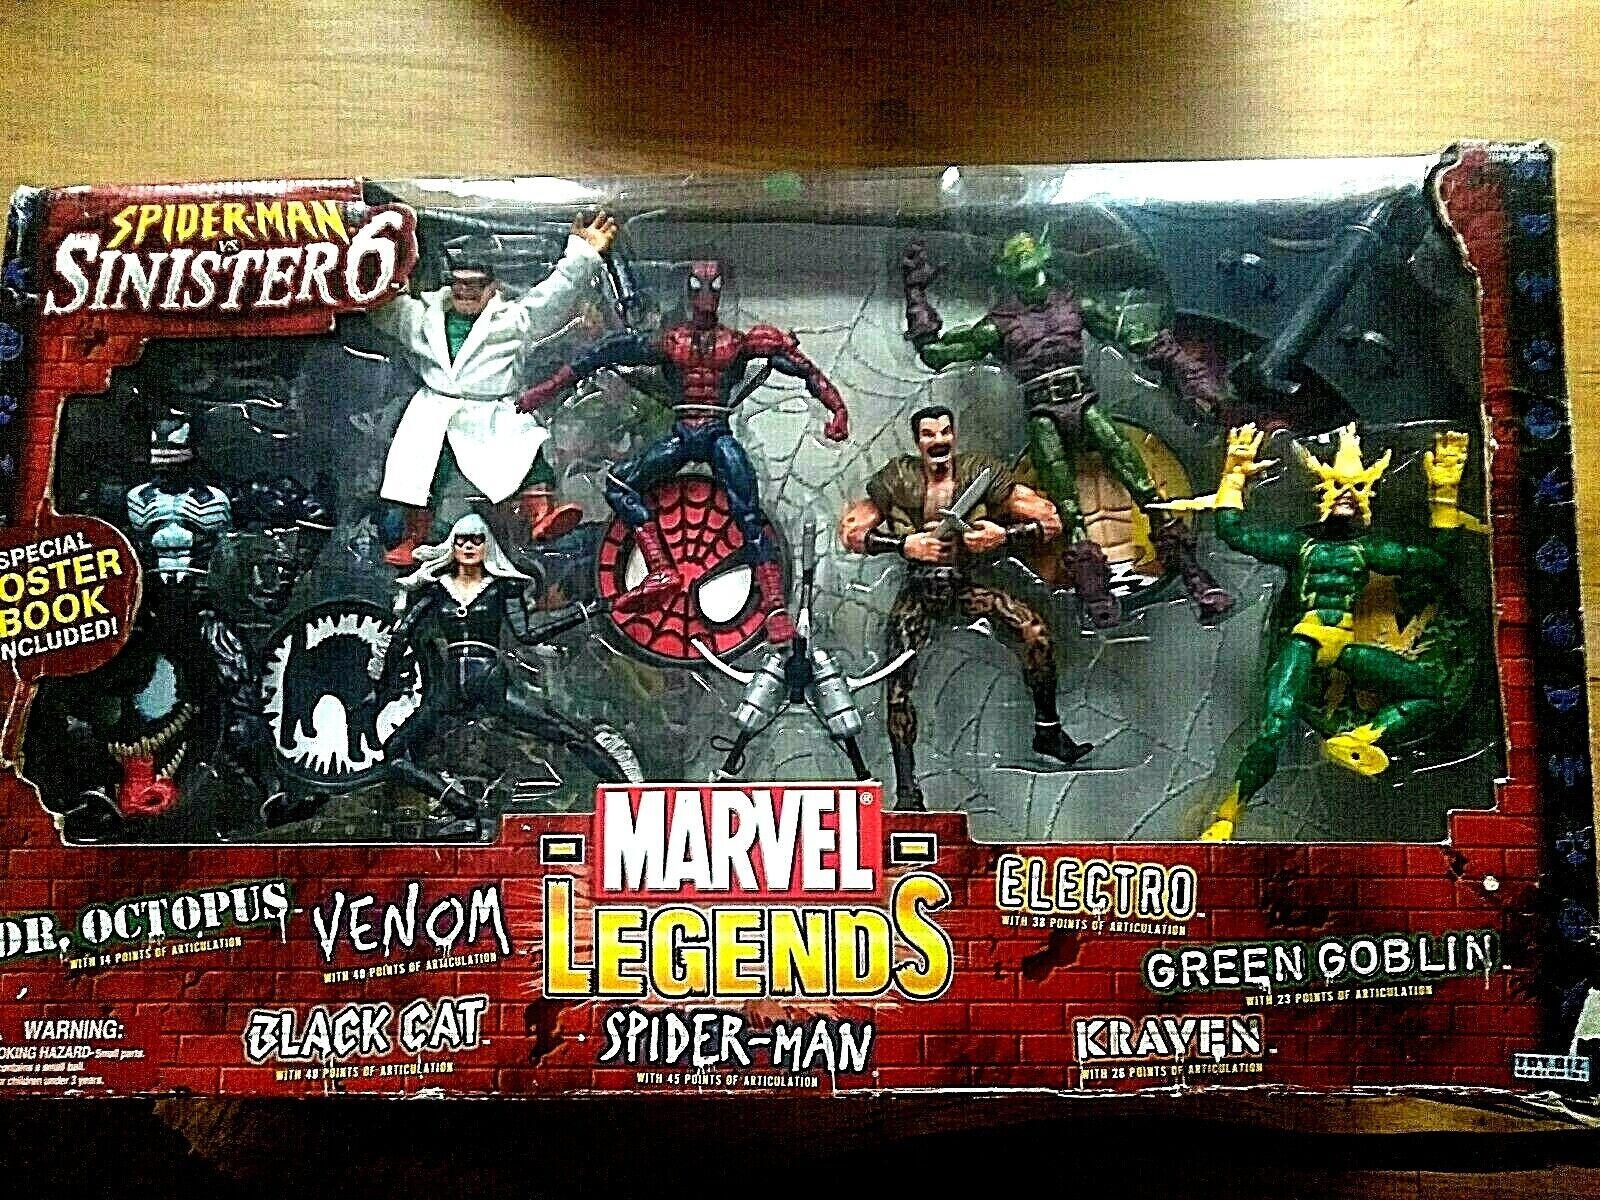 Spider-Man VS Sinister6 Marvel Legend